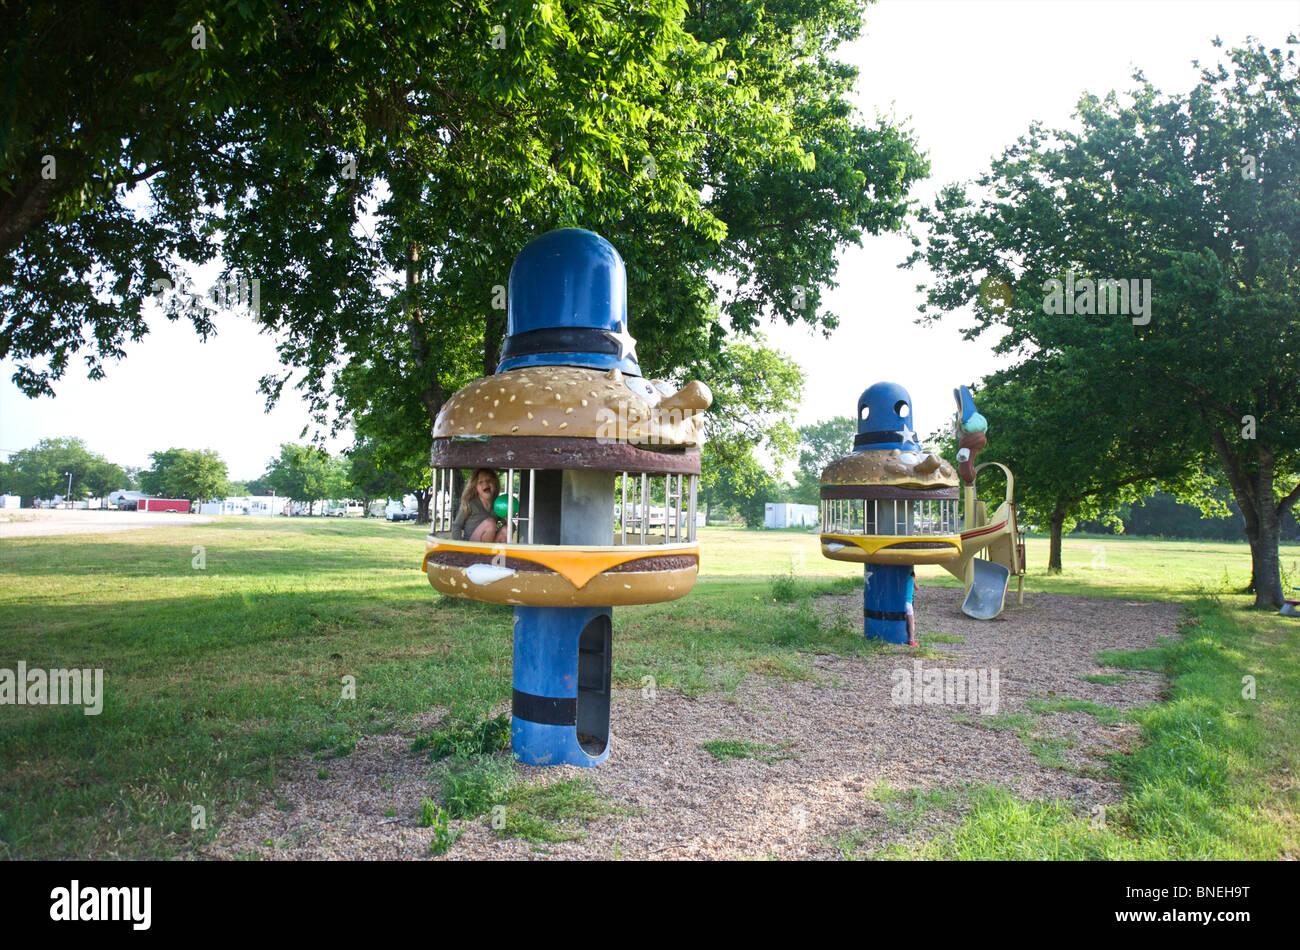 Aire de camping ressemblant à fast food restaurant au Texas, l'Amérique, USA Banque D'Images